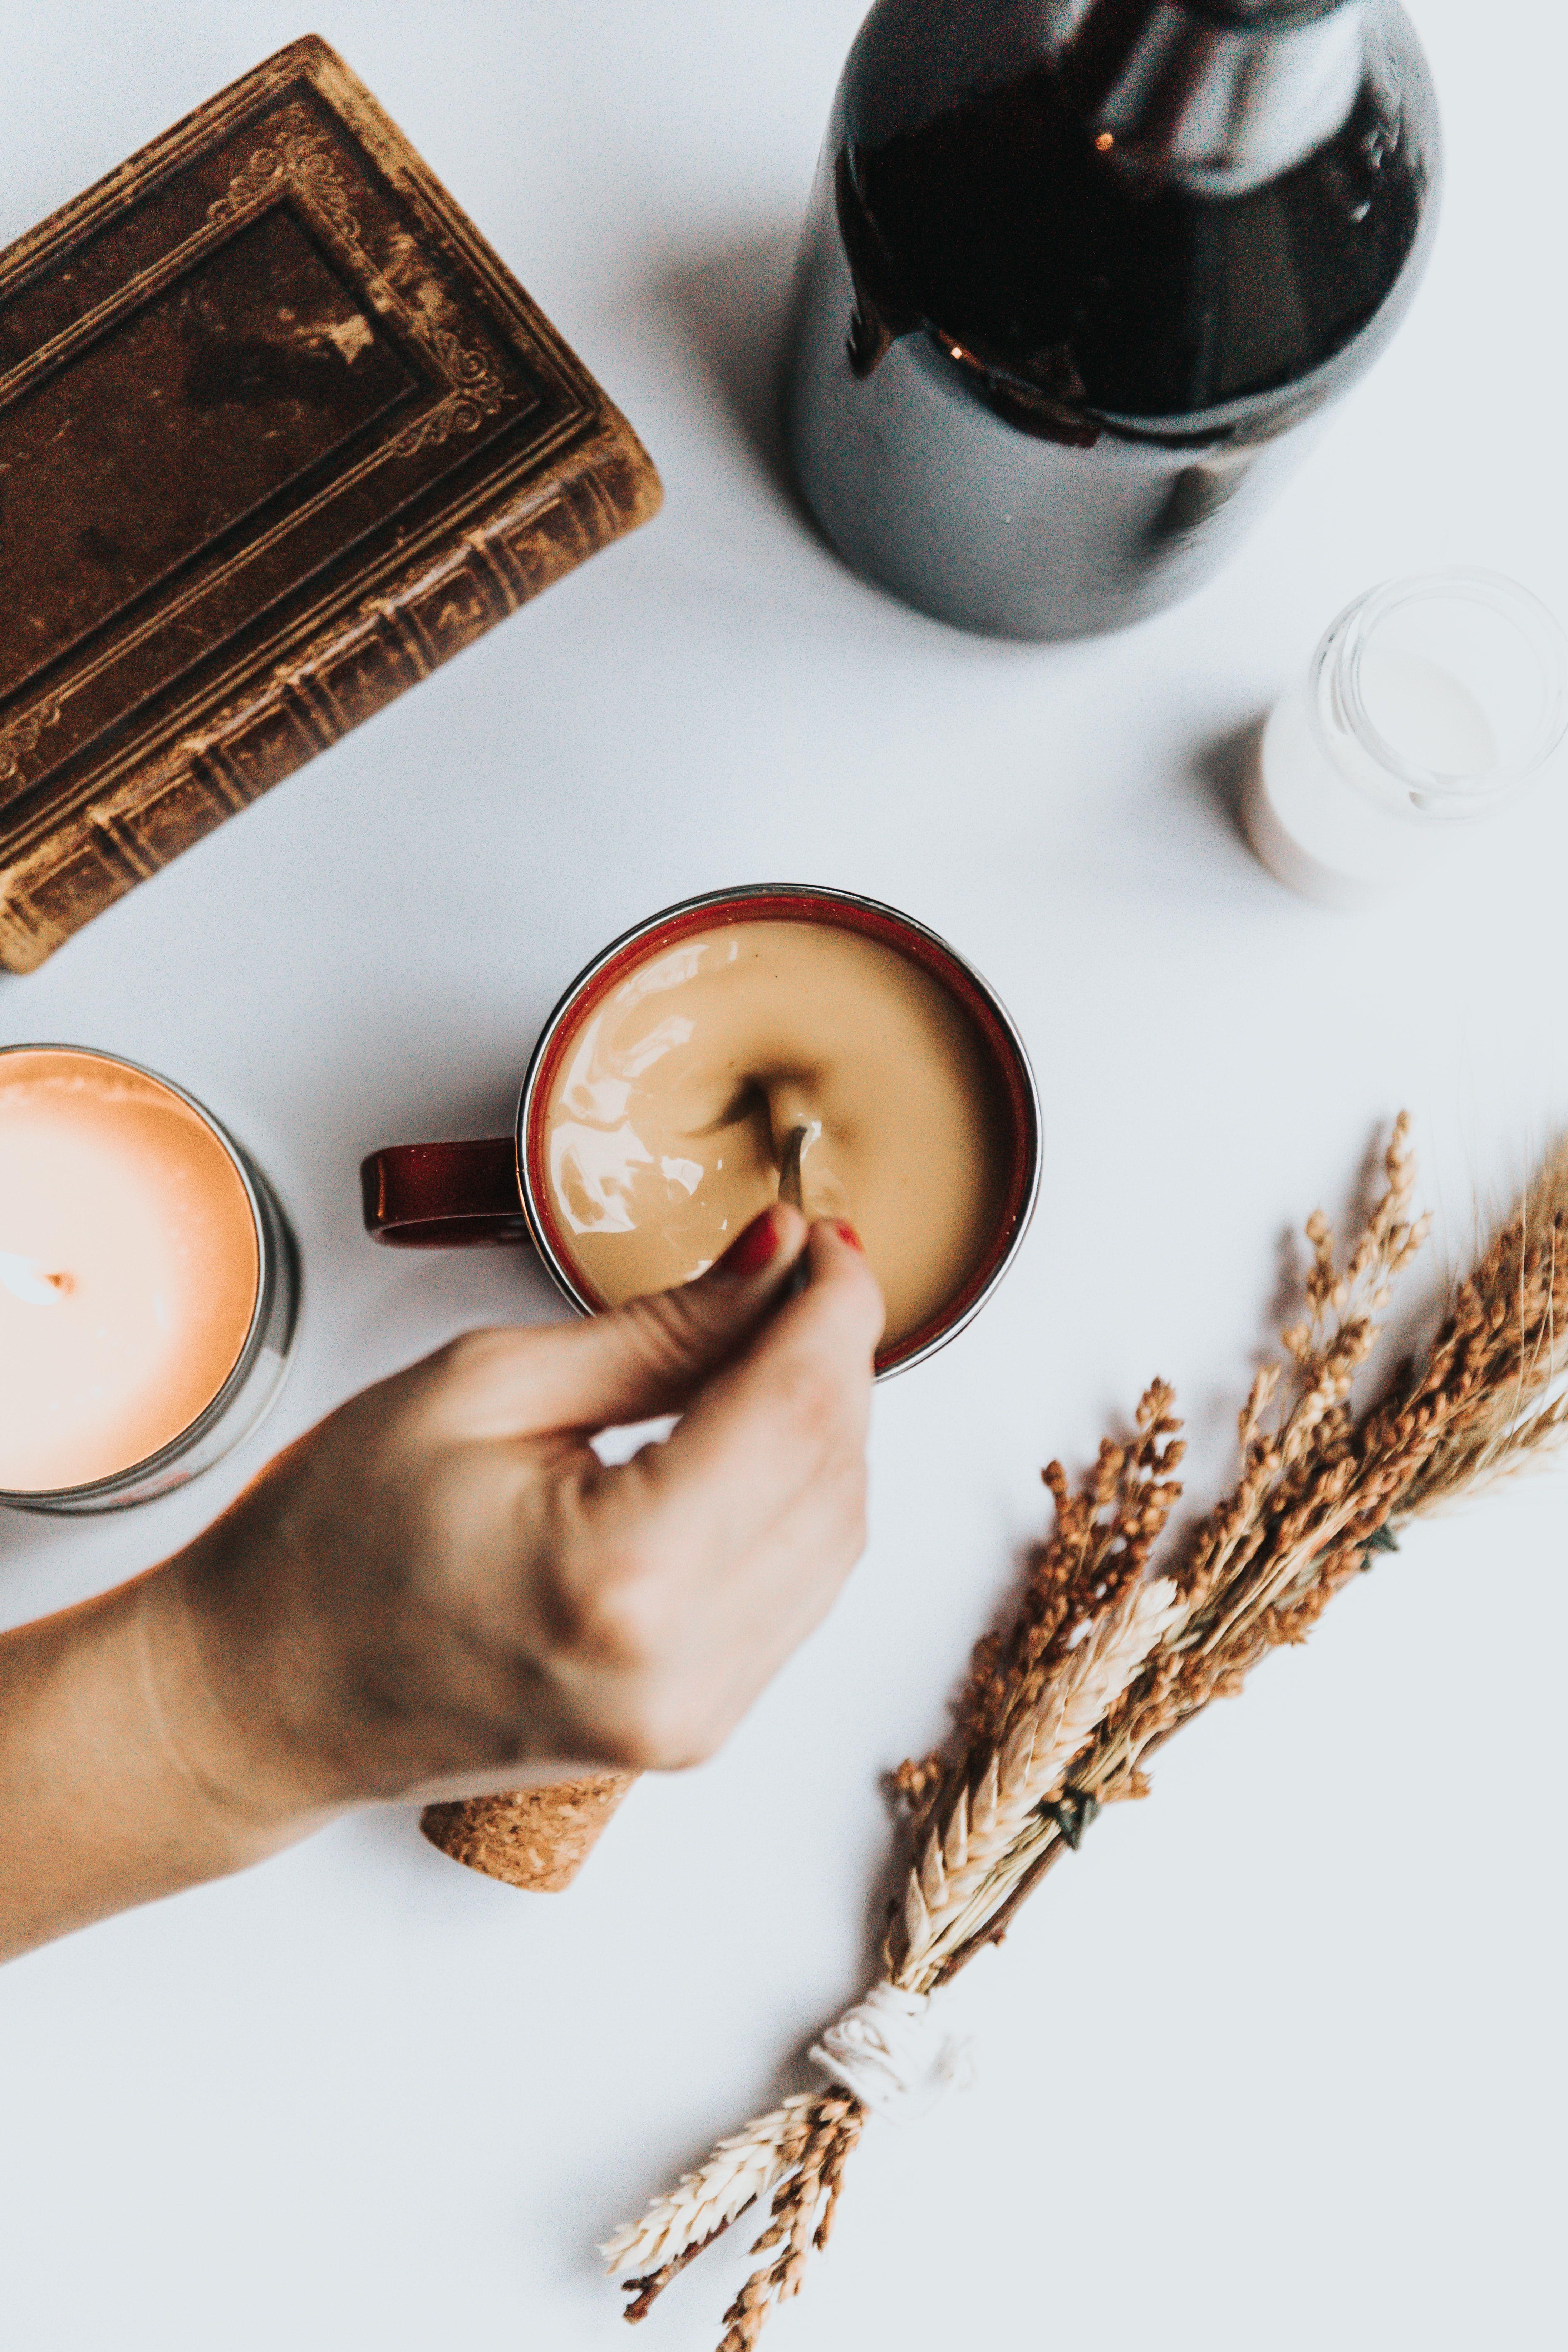 Coffee_cup_nathan-dumlao-bd6ocnir_ia-unsplash